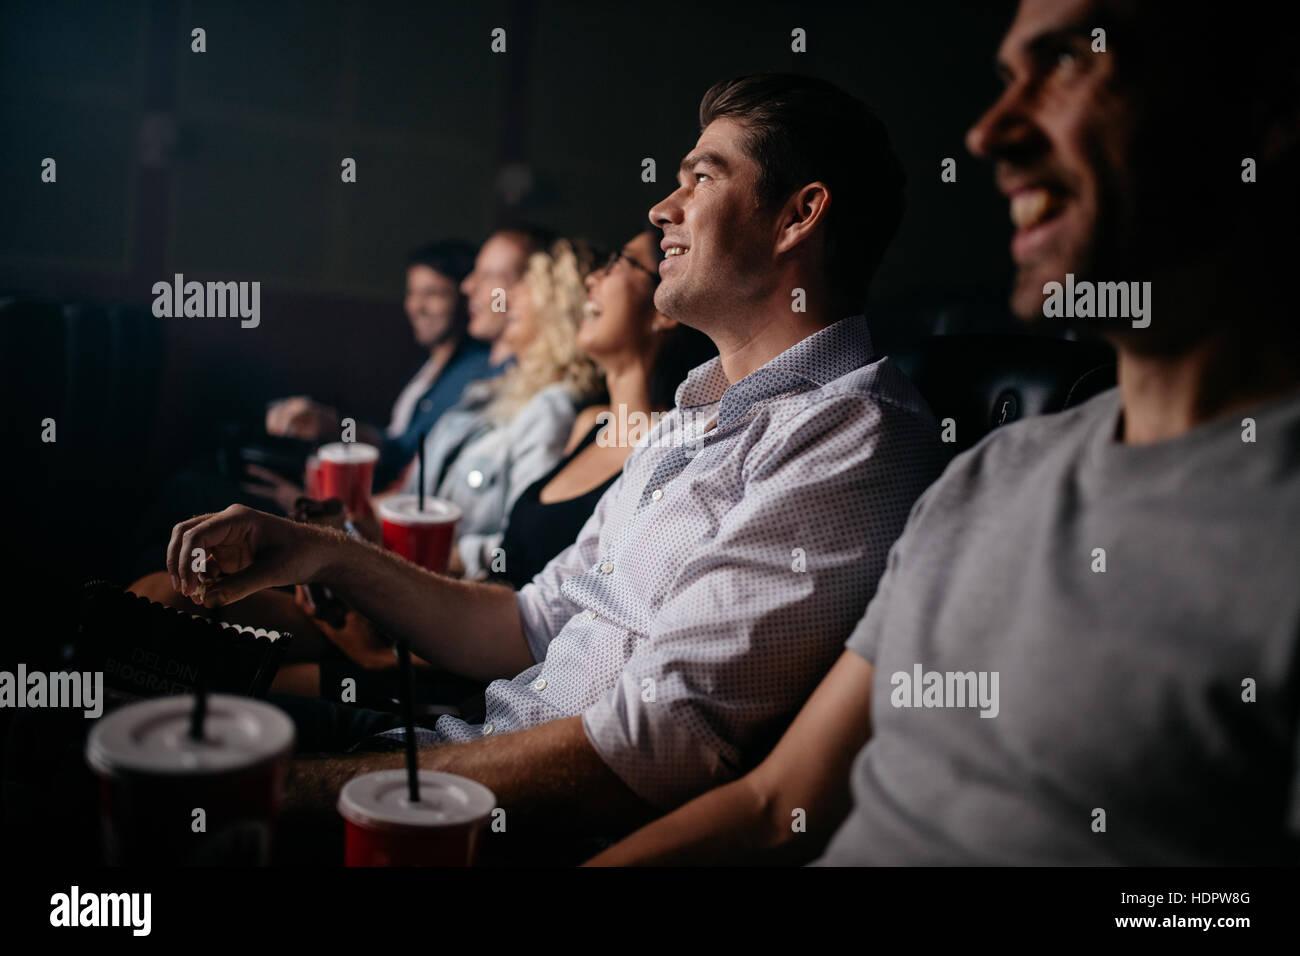 Gruppe von Jugendlichen im Kinosaal Film sitzen. Gemischtrassigen Gruppe befreundeter Film im Theater. Stockfoto